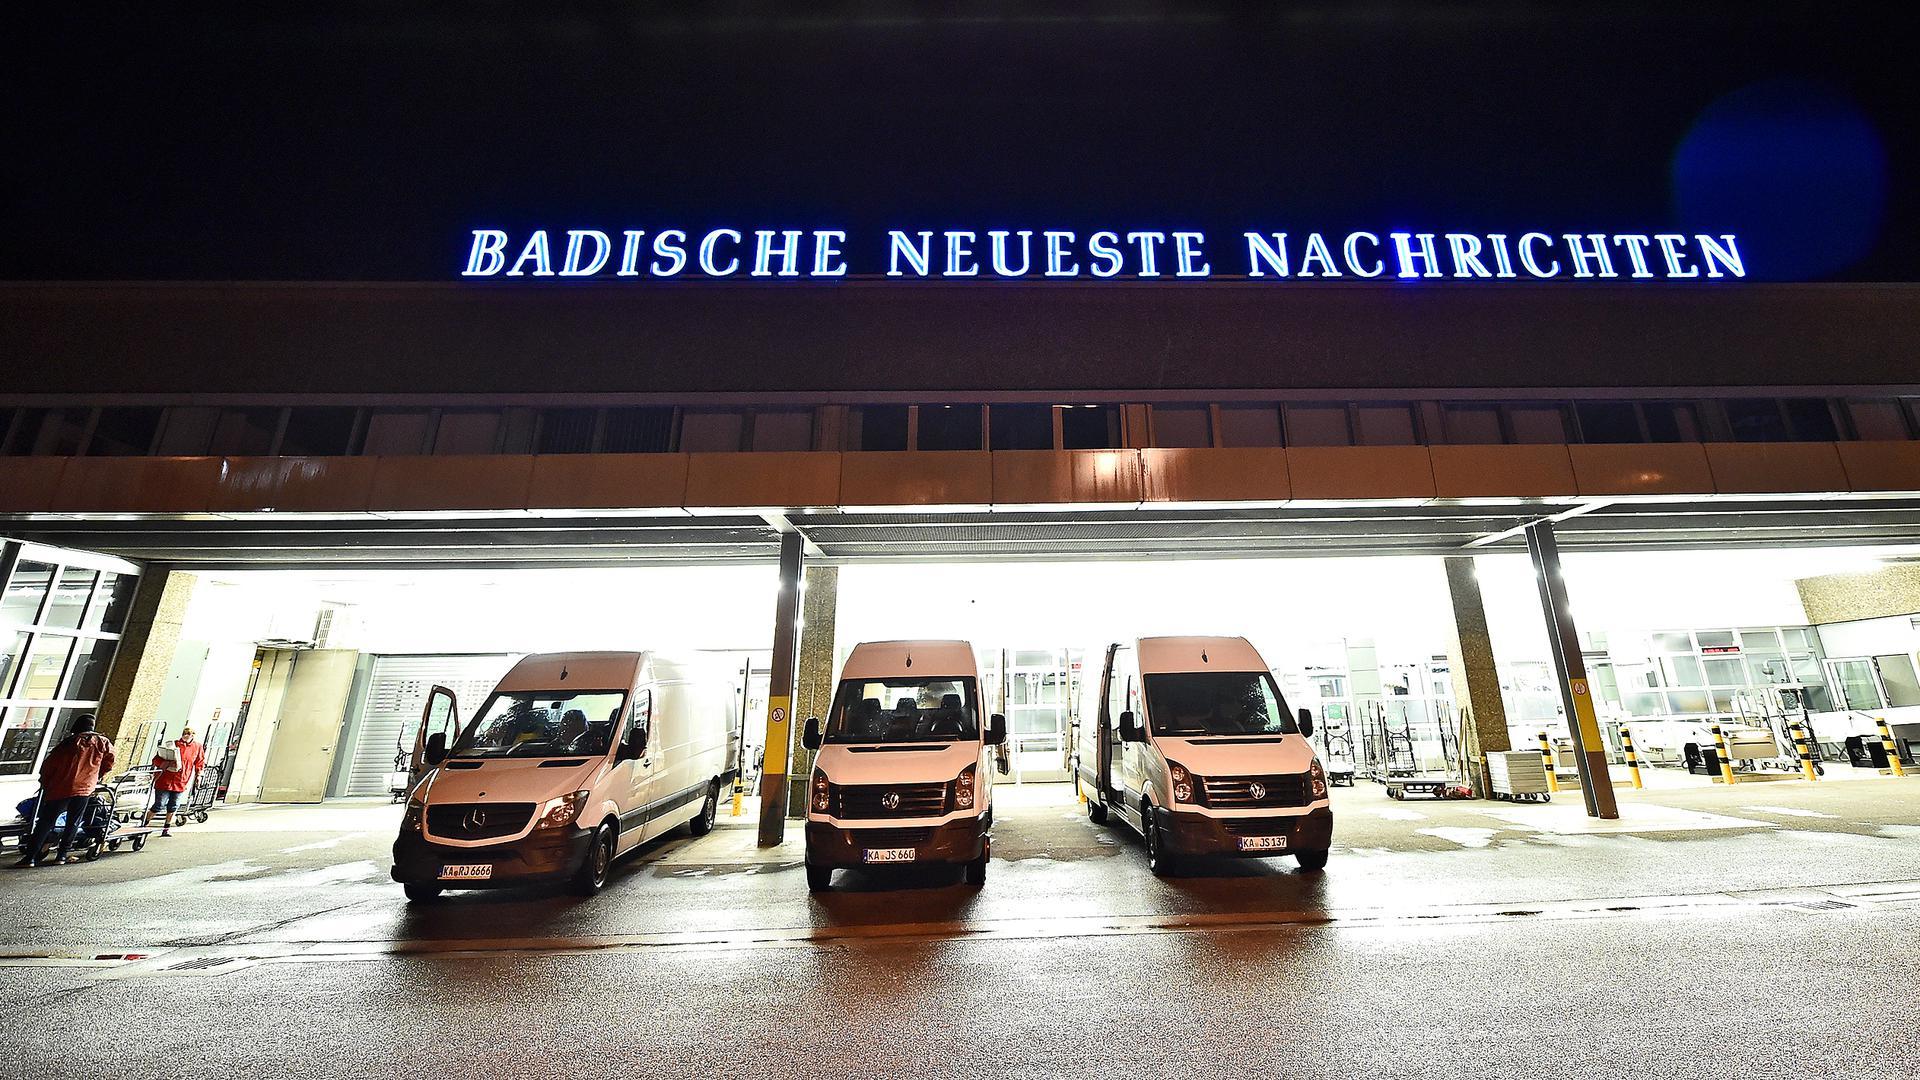 Weiße Lieferwagen parken vor der hell erleuchteten Druckerei der Badischen Neuesten Nachrichten. Sie warten auf die fertigen Zeitungen.